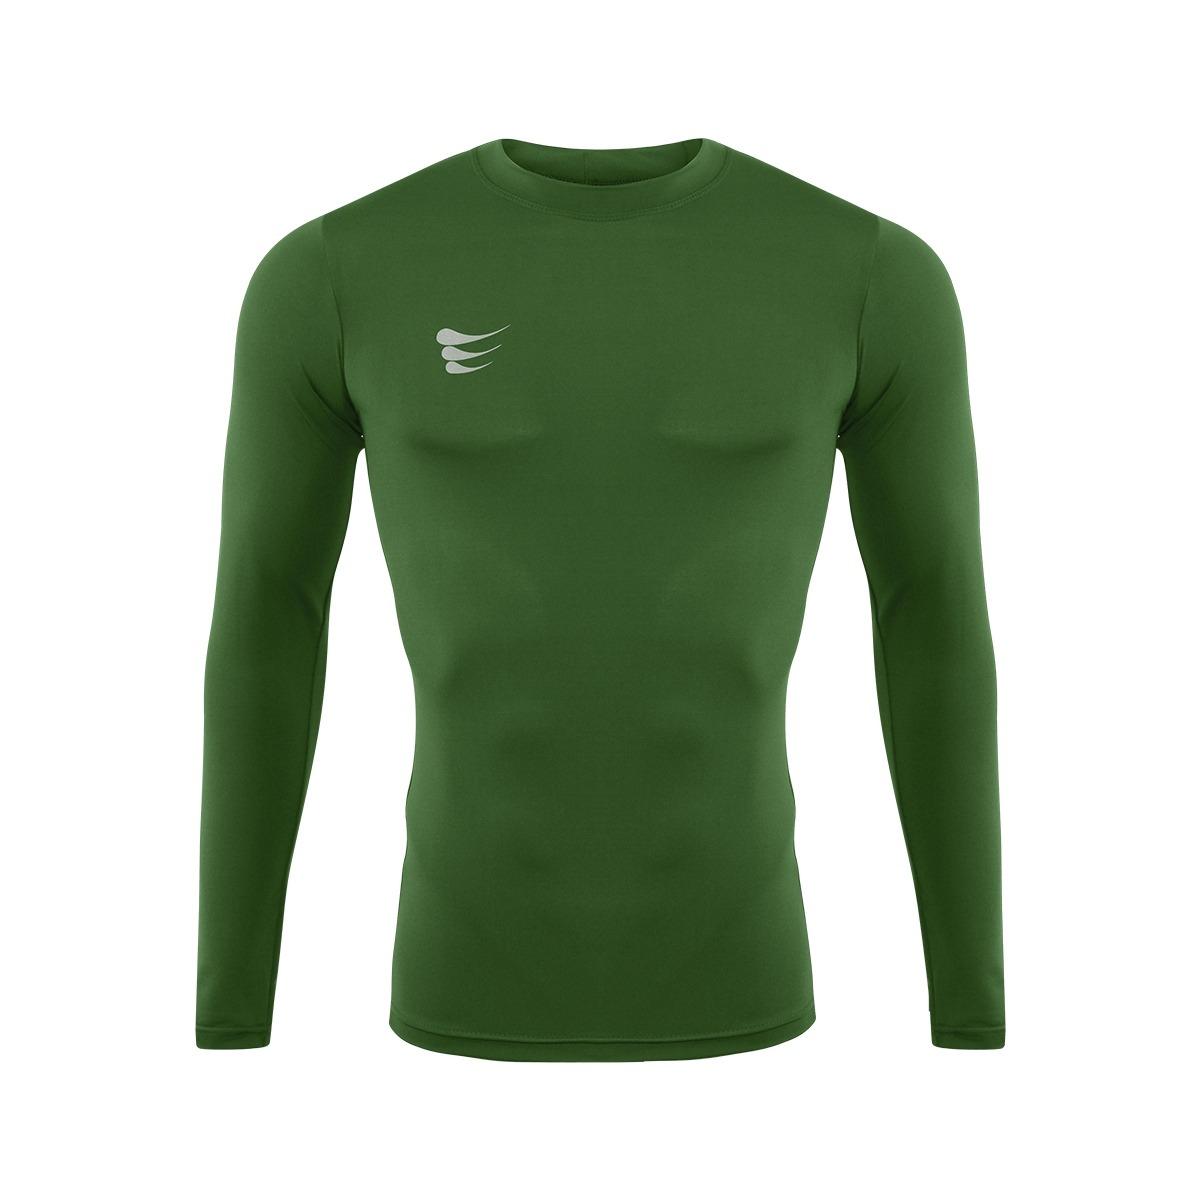 8ef1e03a0d camisa de compressão manga longa - super bolla - verde. Carregando zoom.